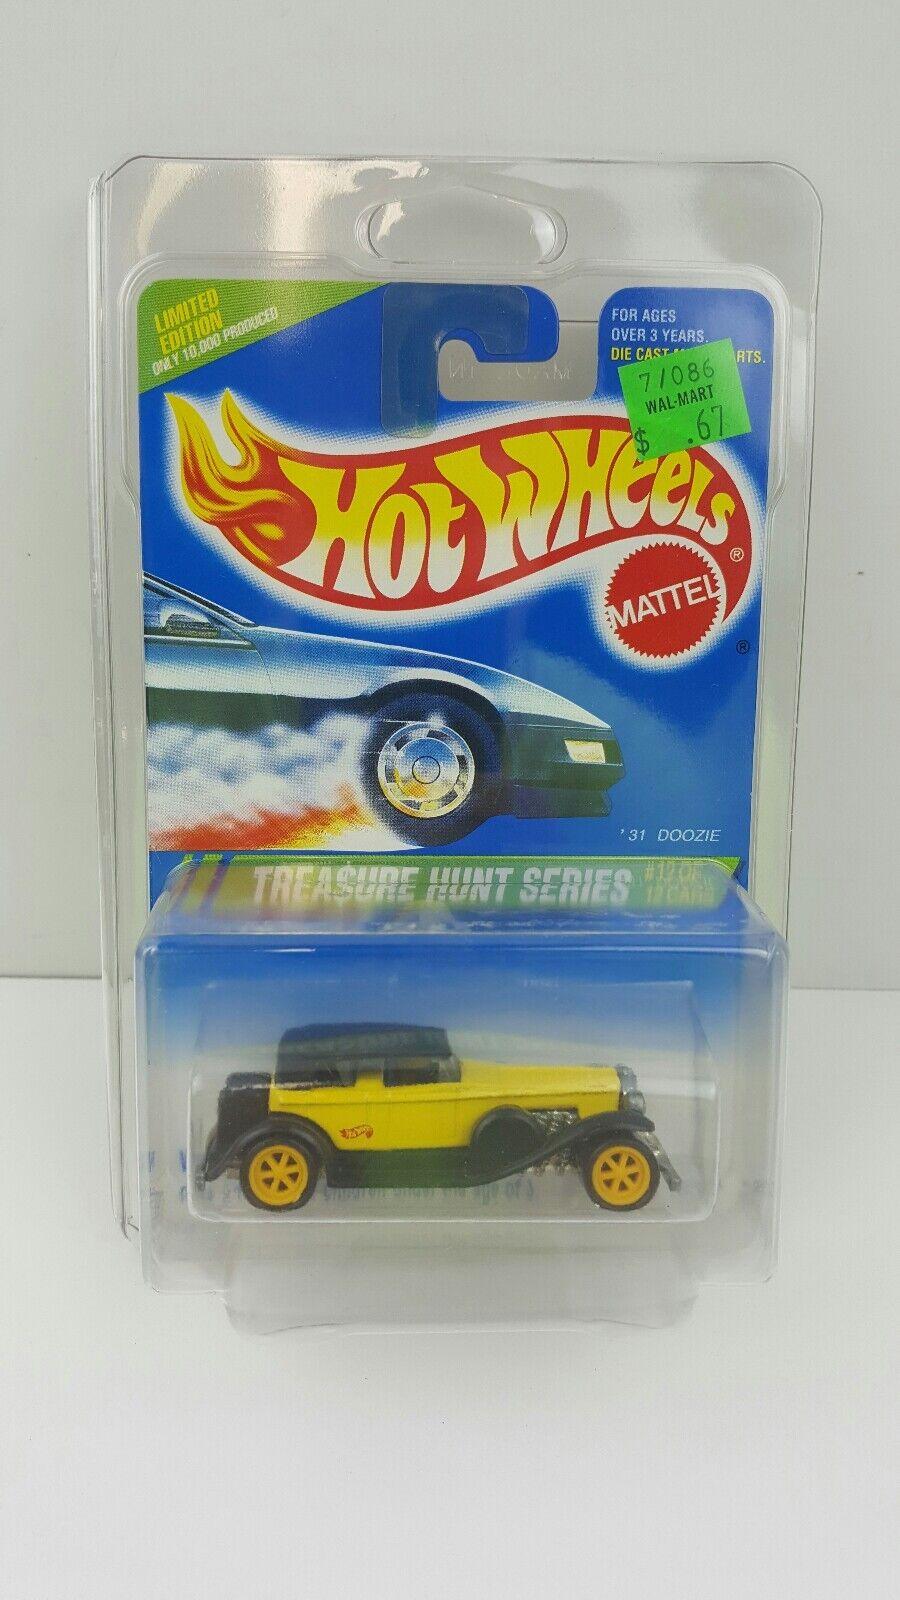 Hot Wheels 1995 búsqueda del tesoro-giallo y nero'31 Doozie con 6 radios de 12